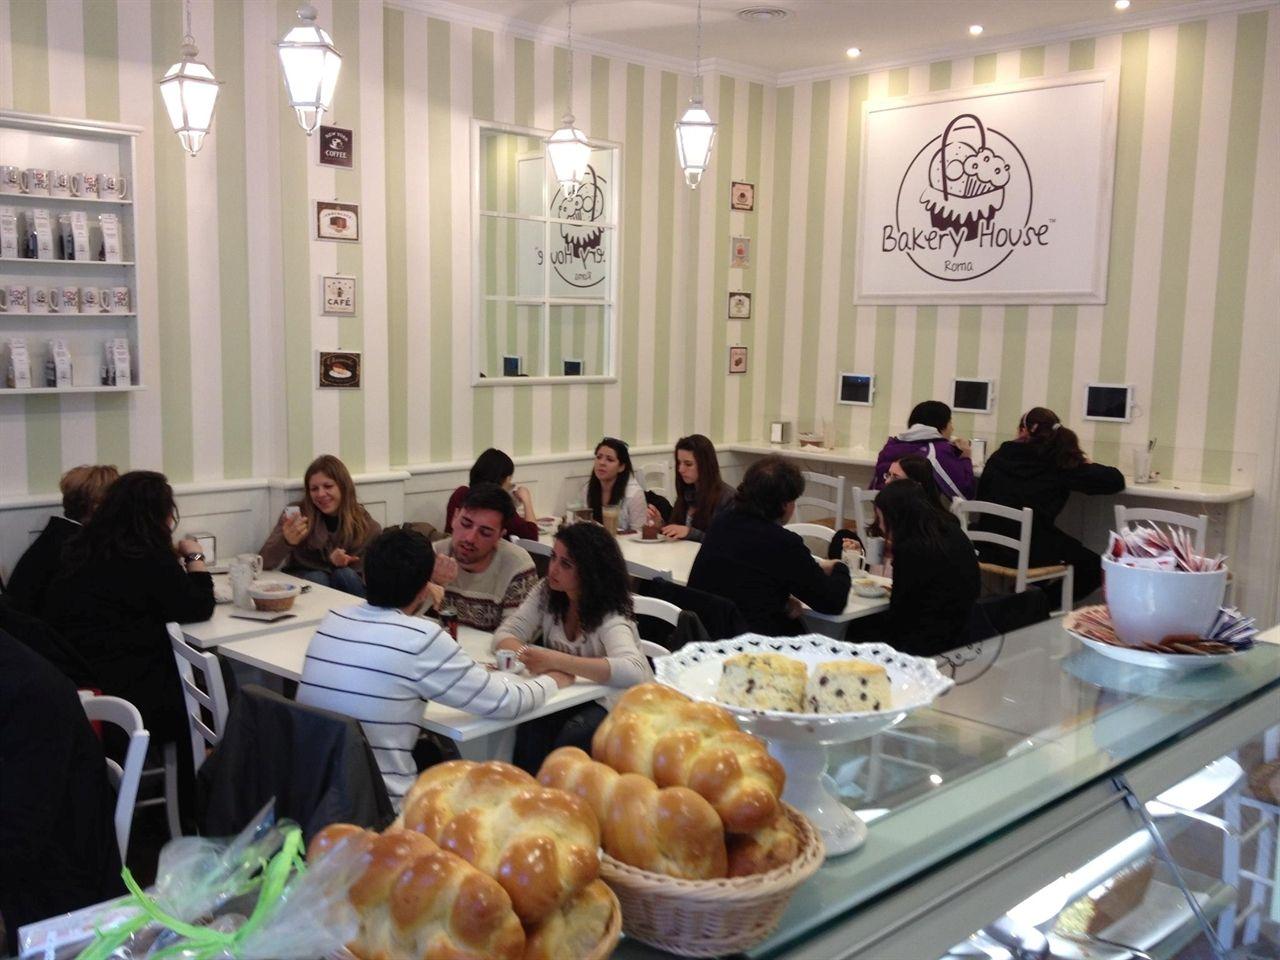 Dieci posti per un buon brunch a roma architetture food - Osteria con cucina francesco angelini ...